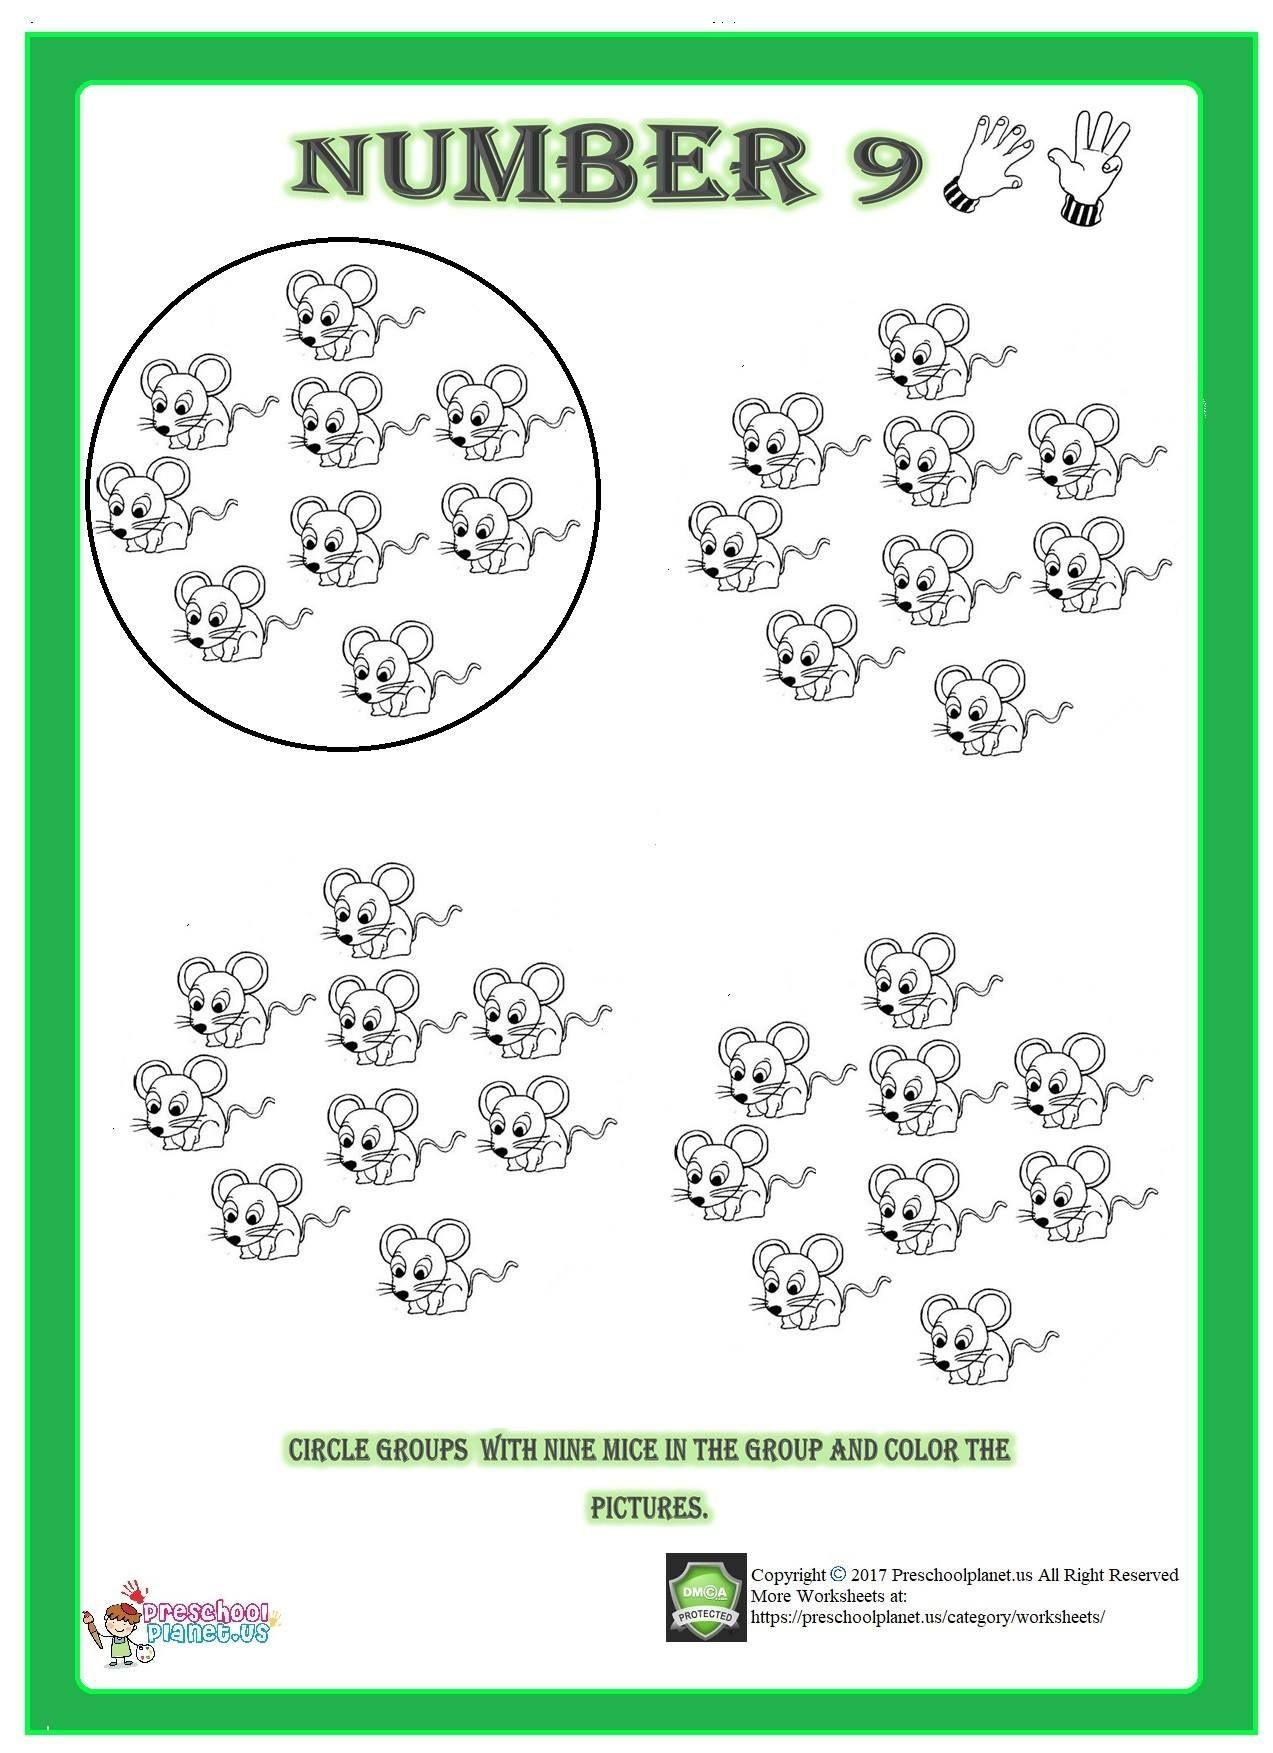 Number 9 Worksheet Worksheets Numbers Preschool Worksheets For Kids [ 1753 x 1273 Pixel ]